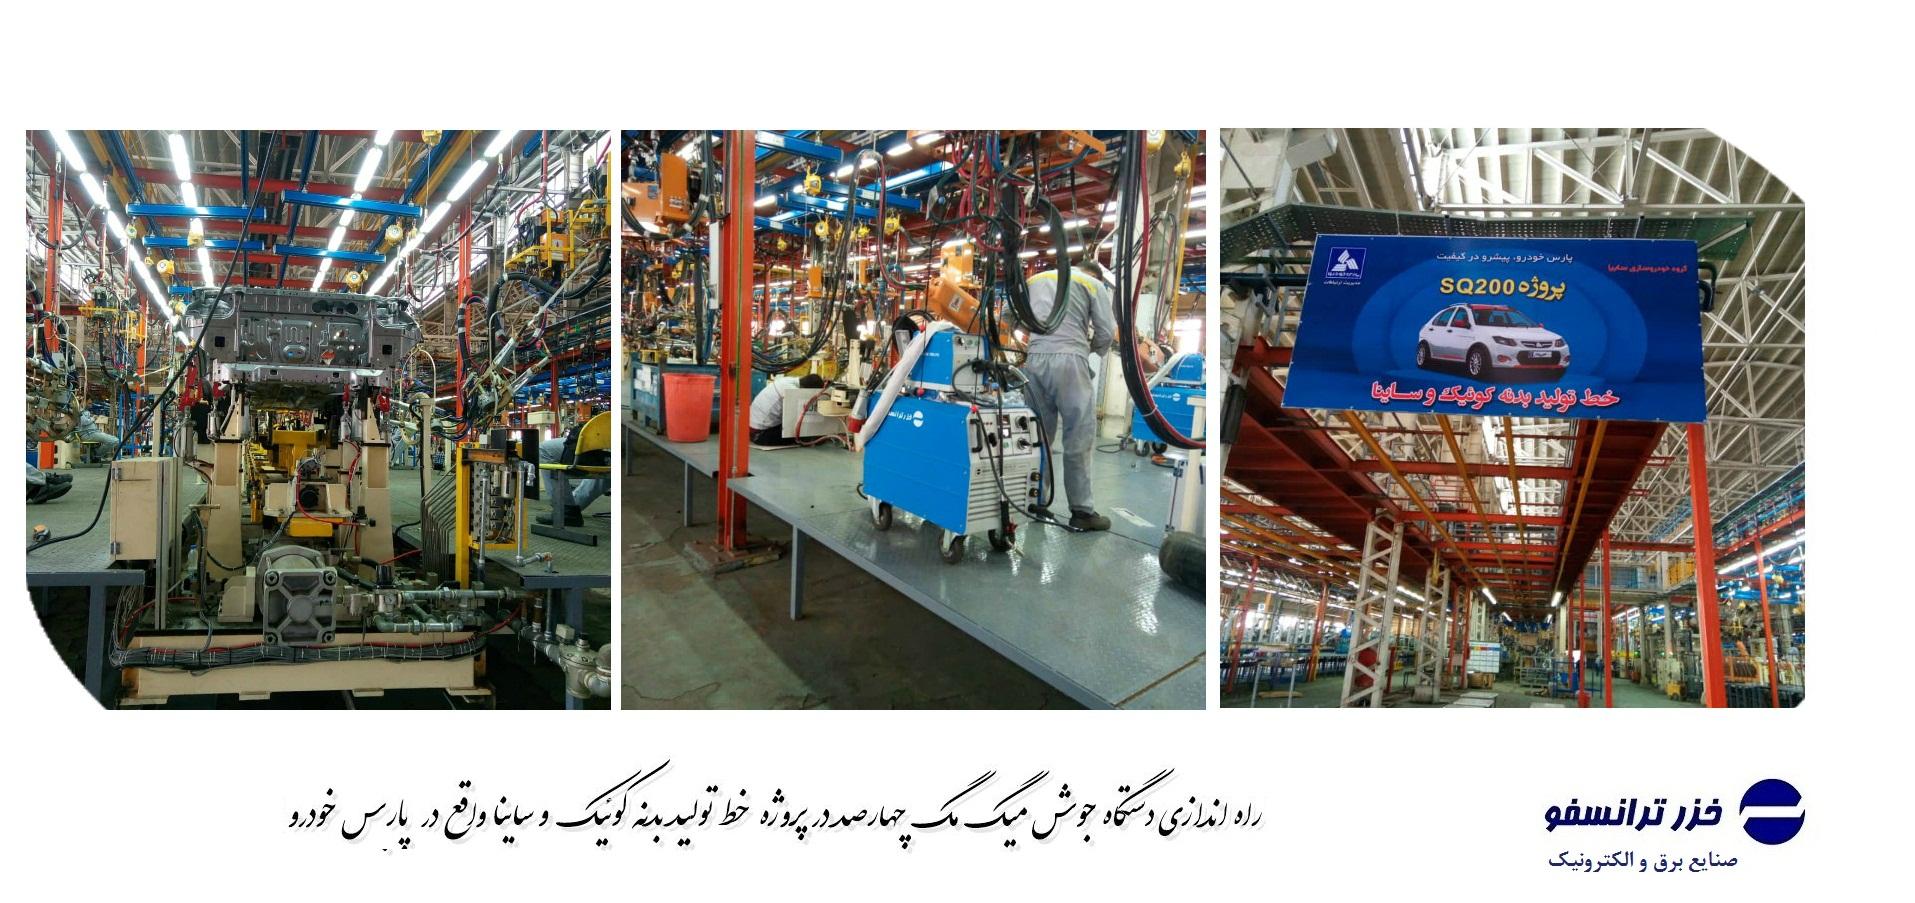 راه اندازی دستگاه میگ مگ 400 در پروژه خط تولید بدنه کوئیک و ساینا واقع در پارس خودرو